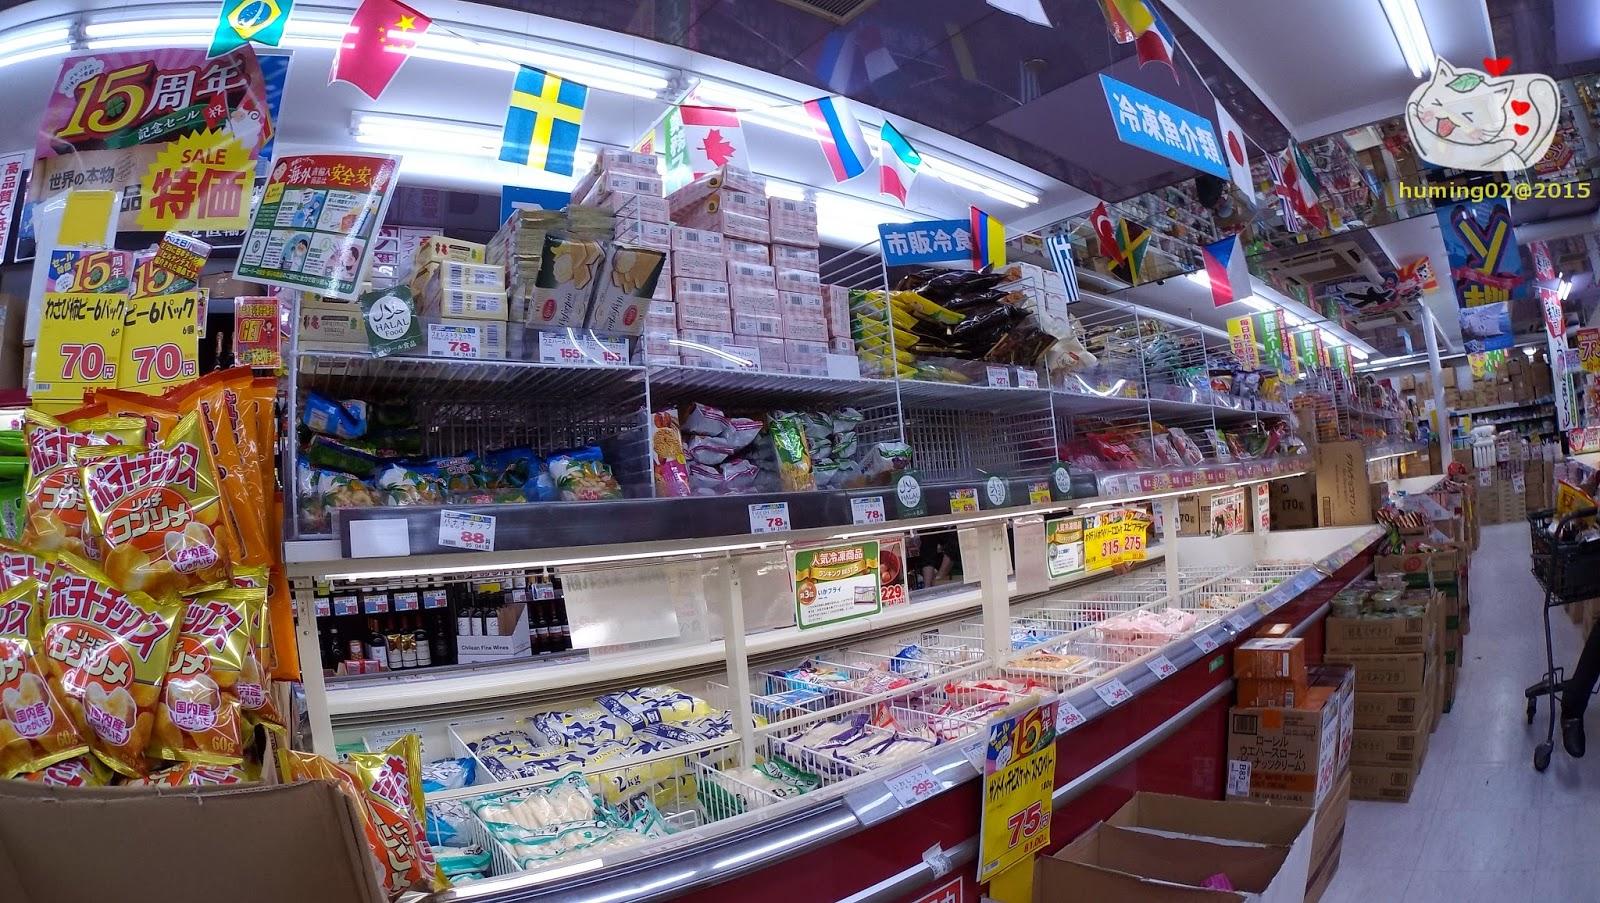 搖滾藍星: 15040501.[整理]上野寶石飯店(阿美橫丁)附近的超市。